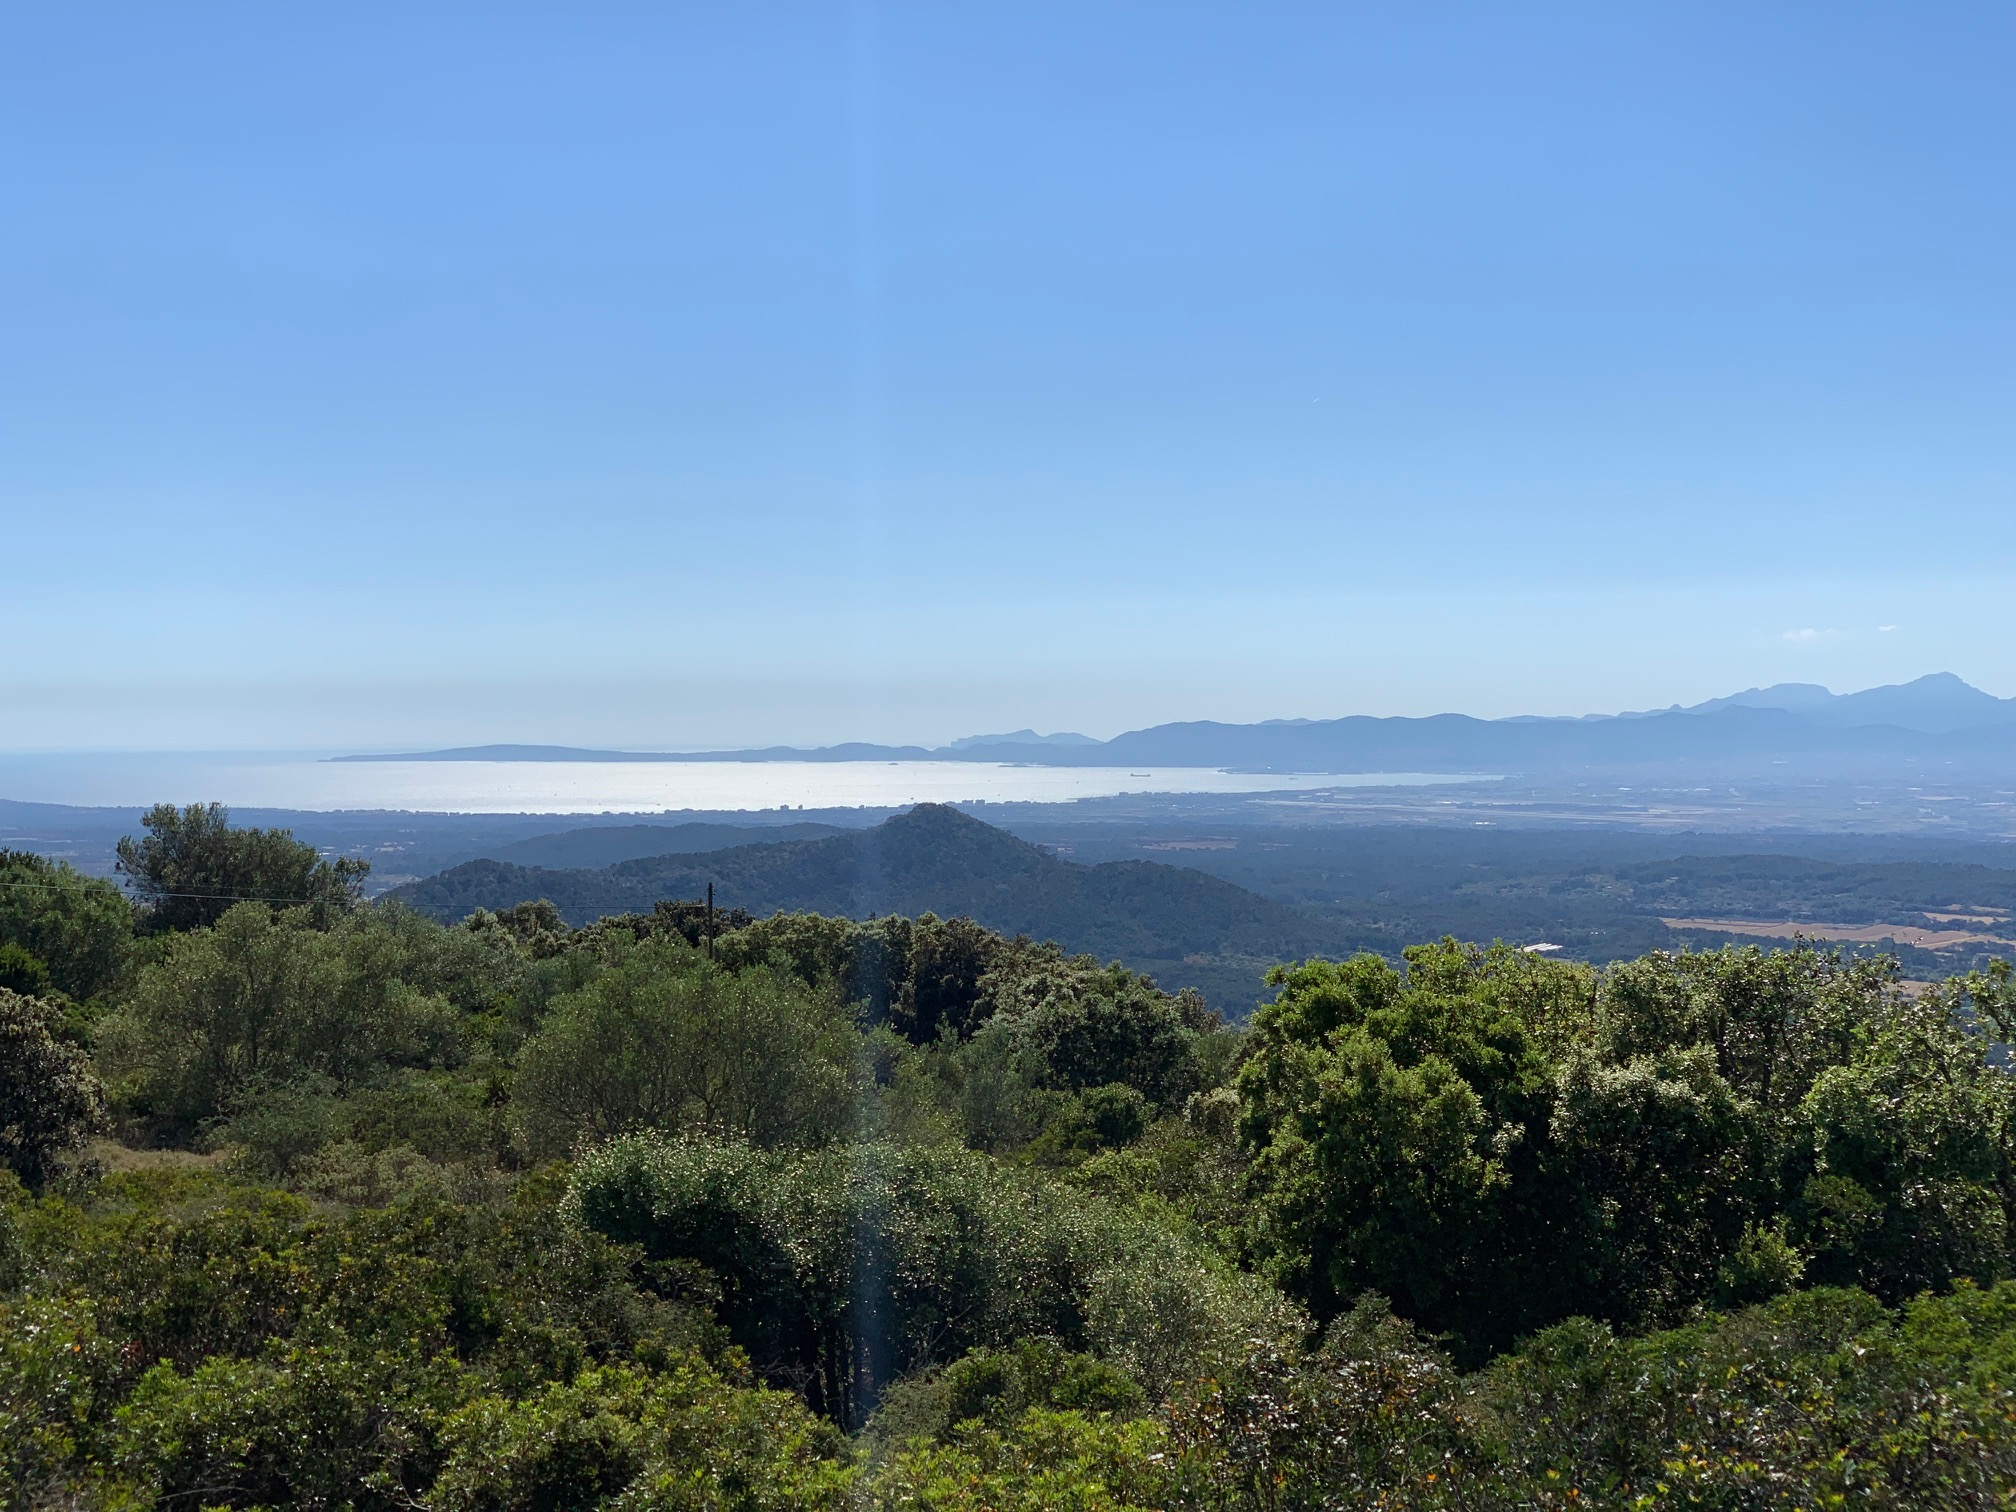 Blick in die Bucht von Palma vom 3. Kloster